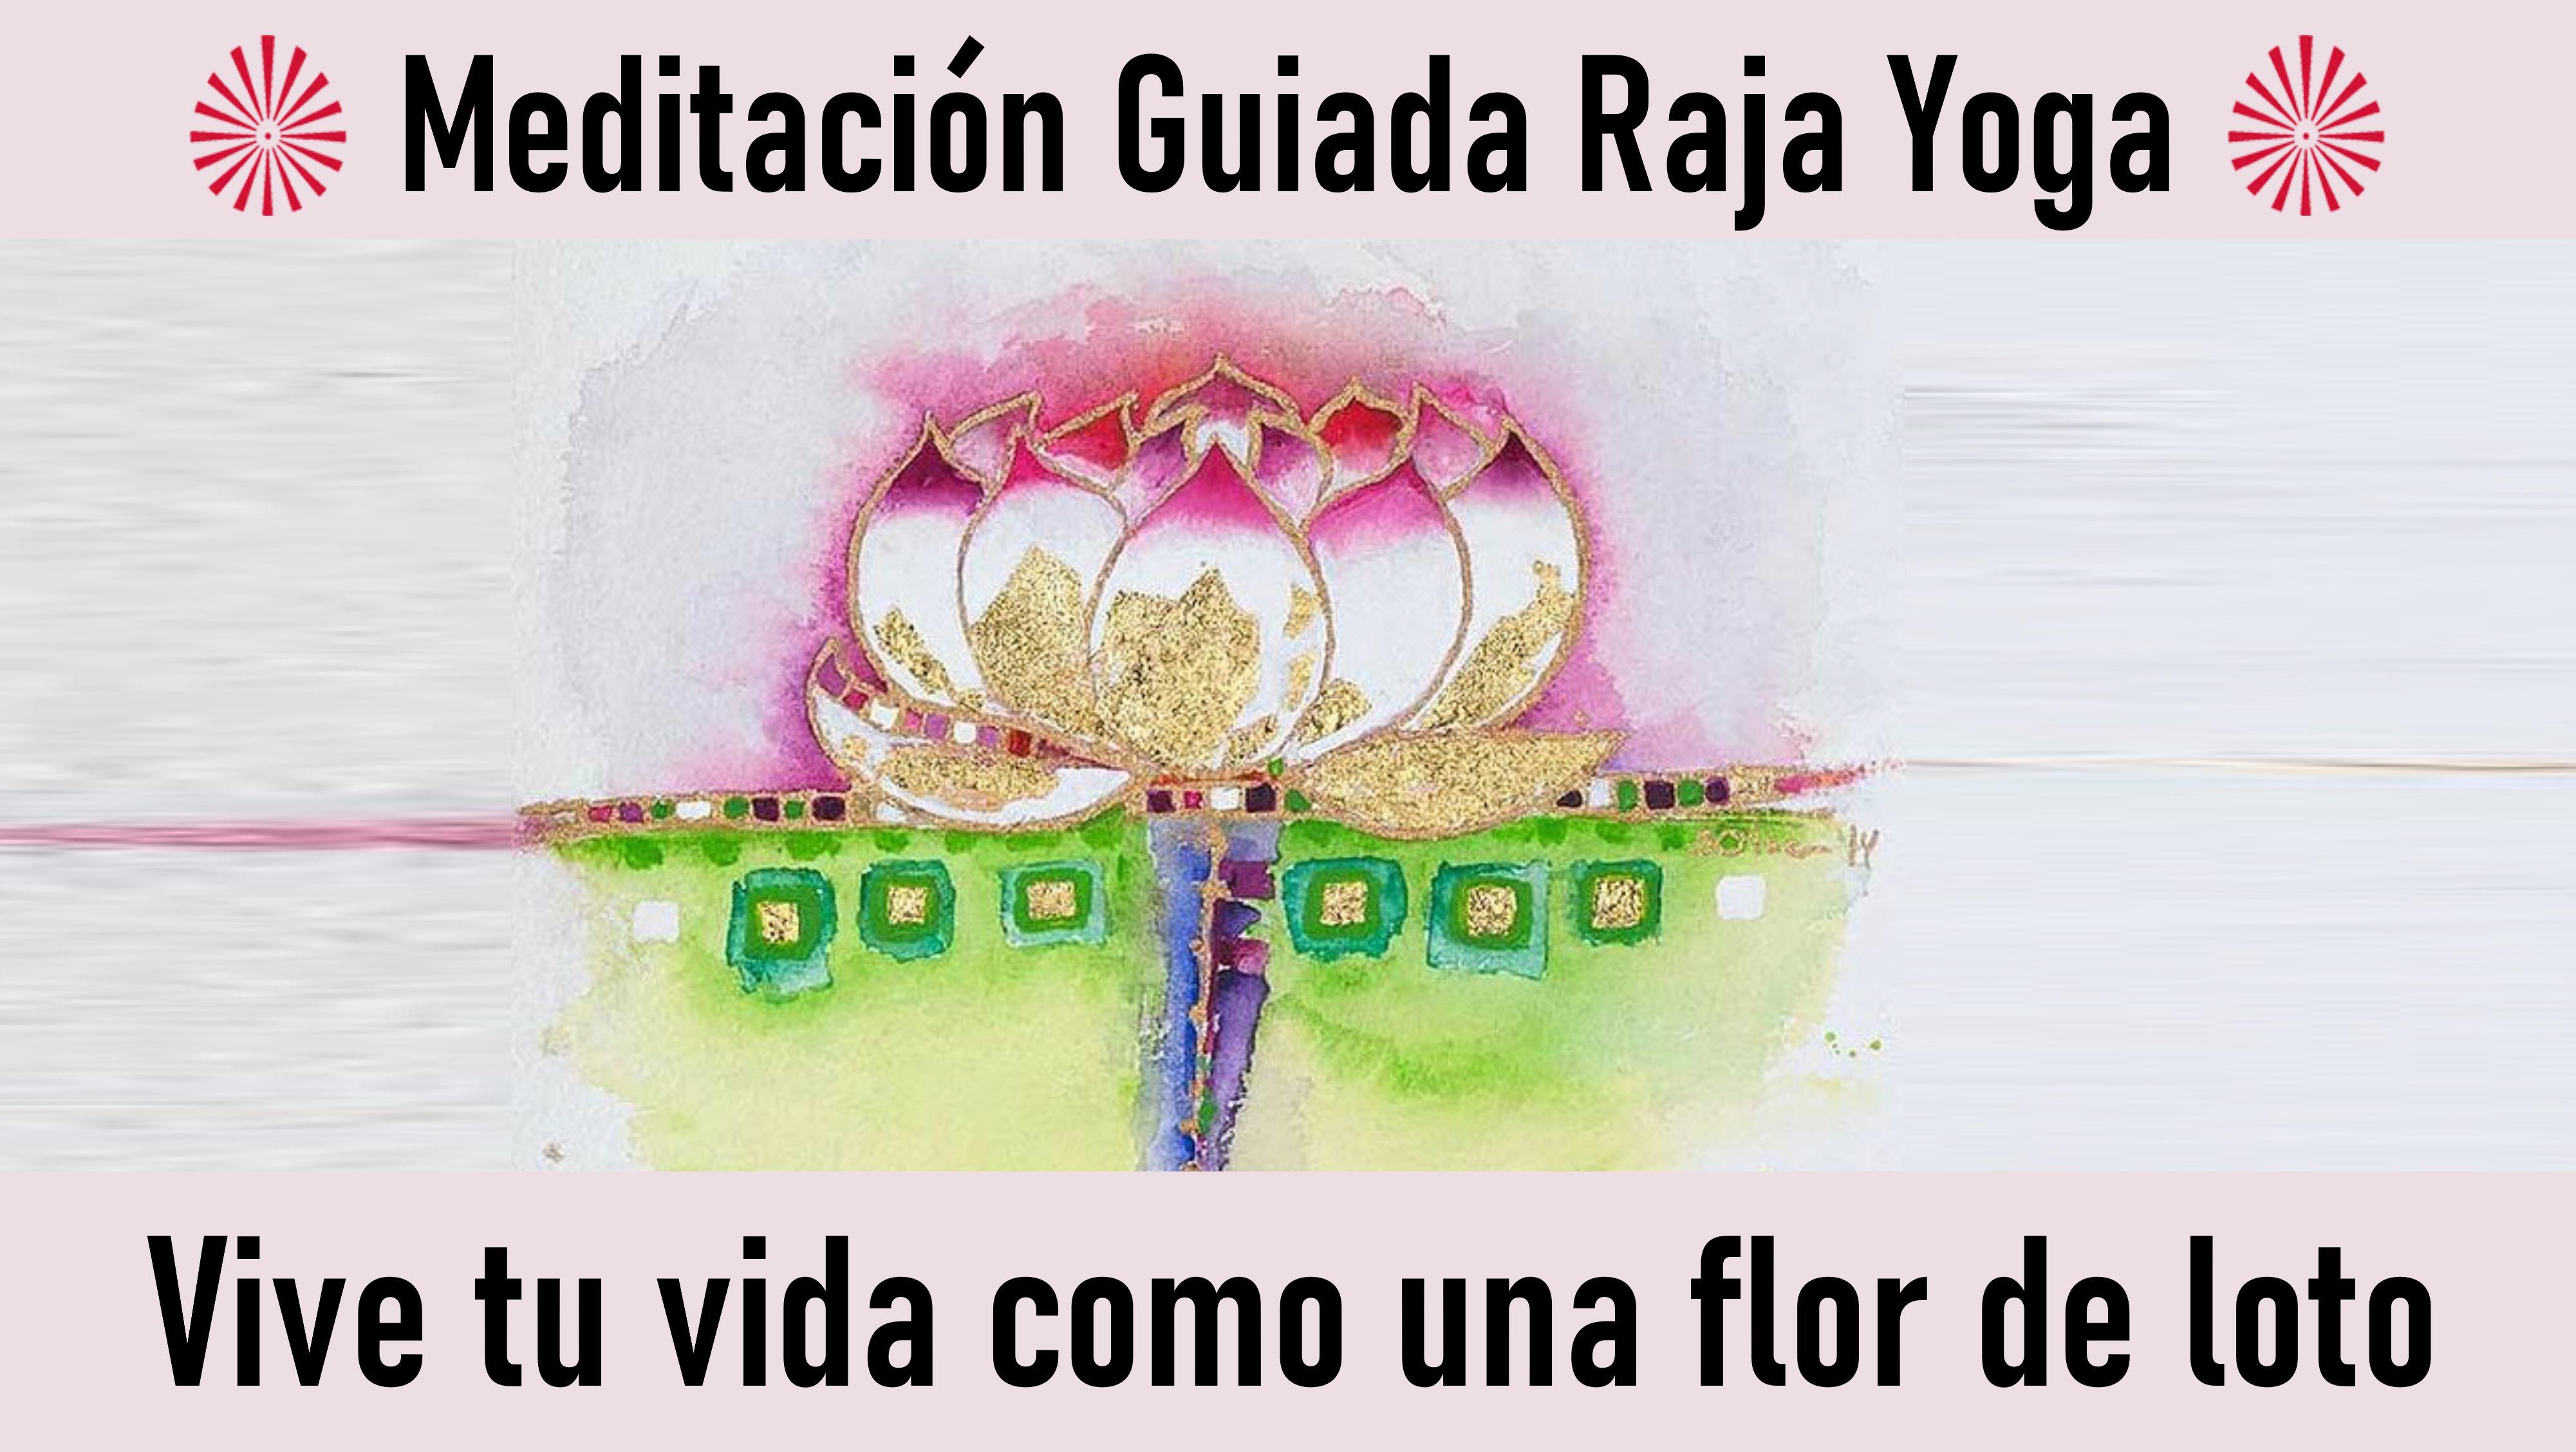 29 Octubre 2020  Meditación guiada: Vivir tu vida como una flor de loto